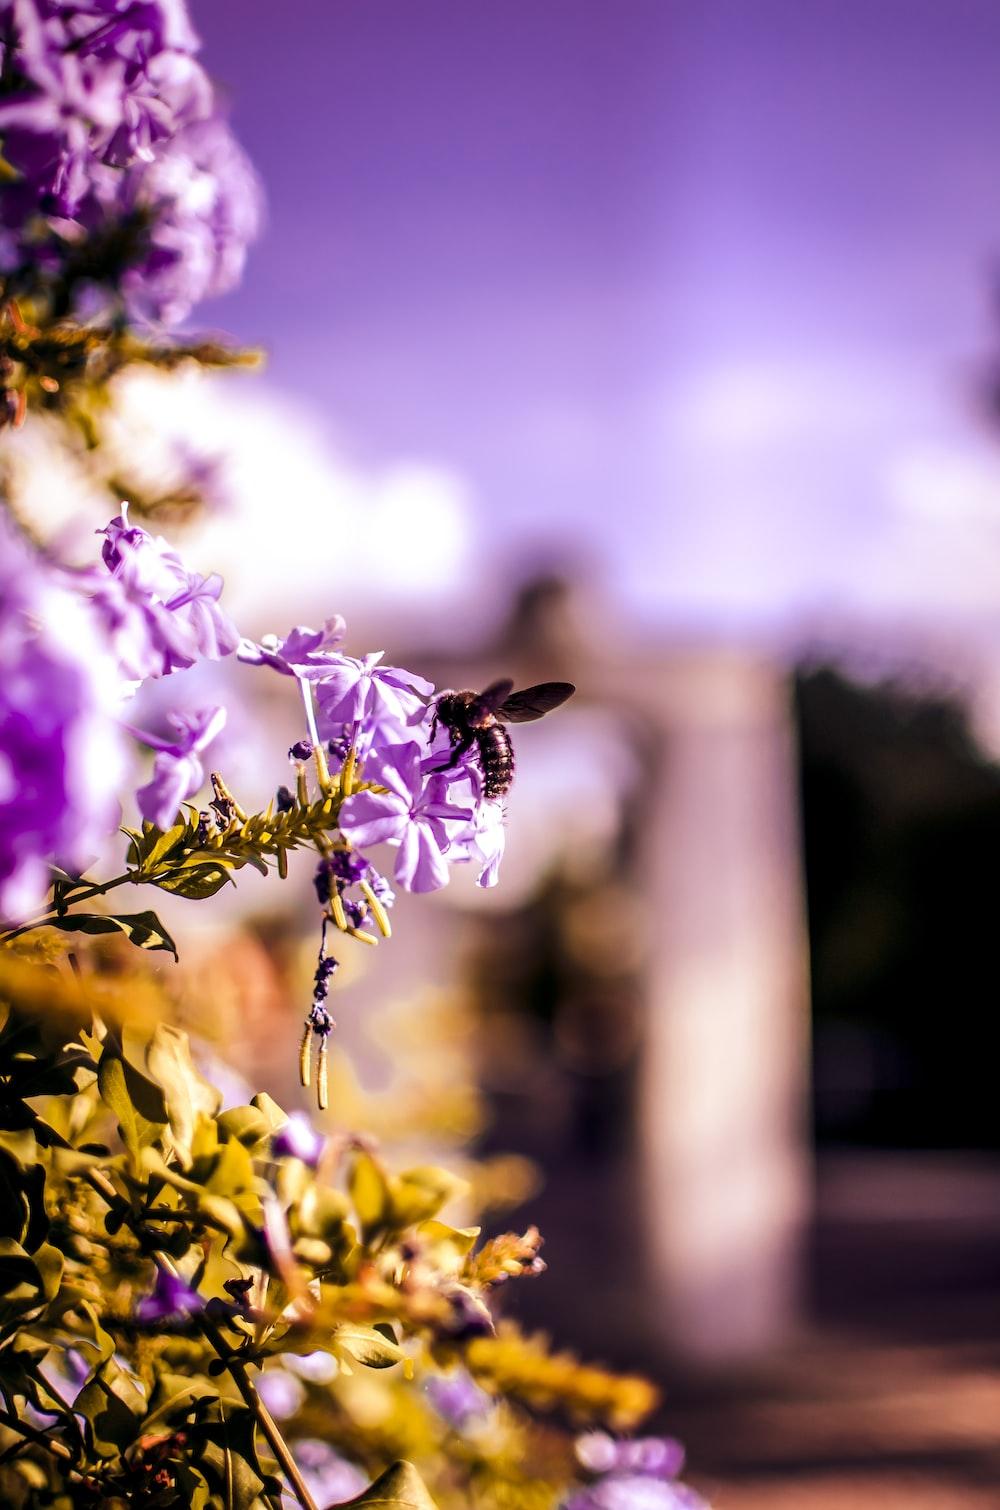 bee sticking on purple petaled flowers